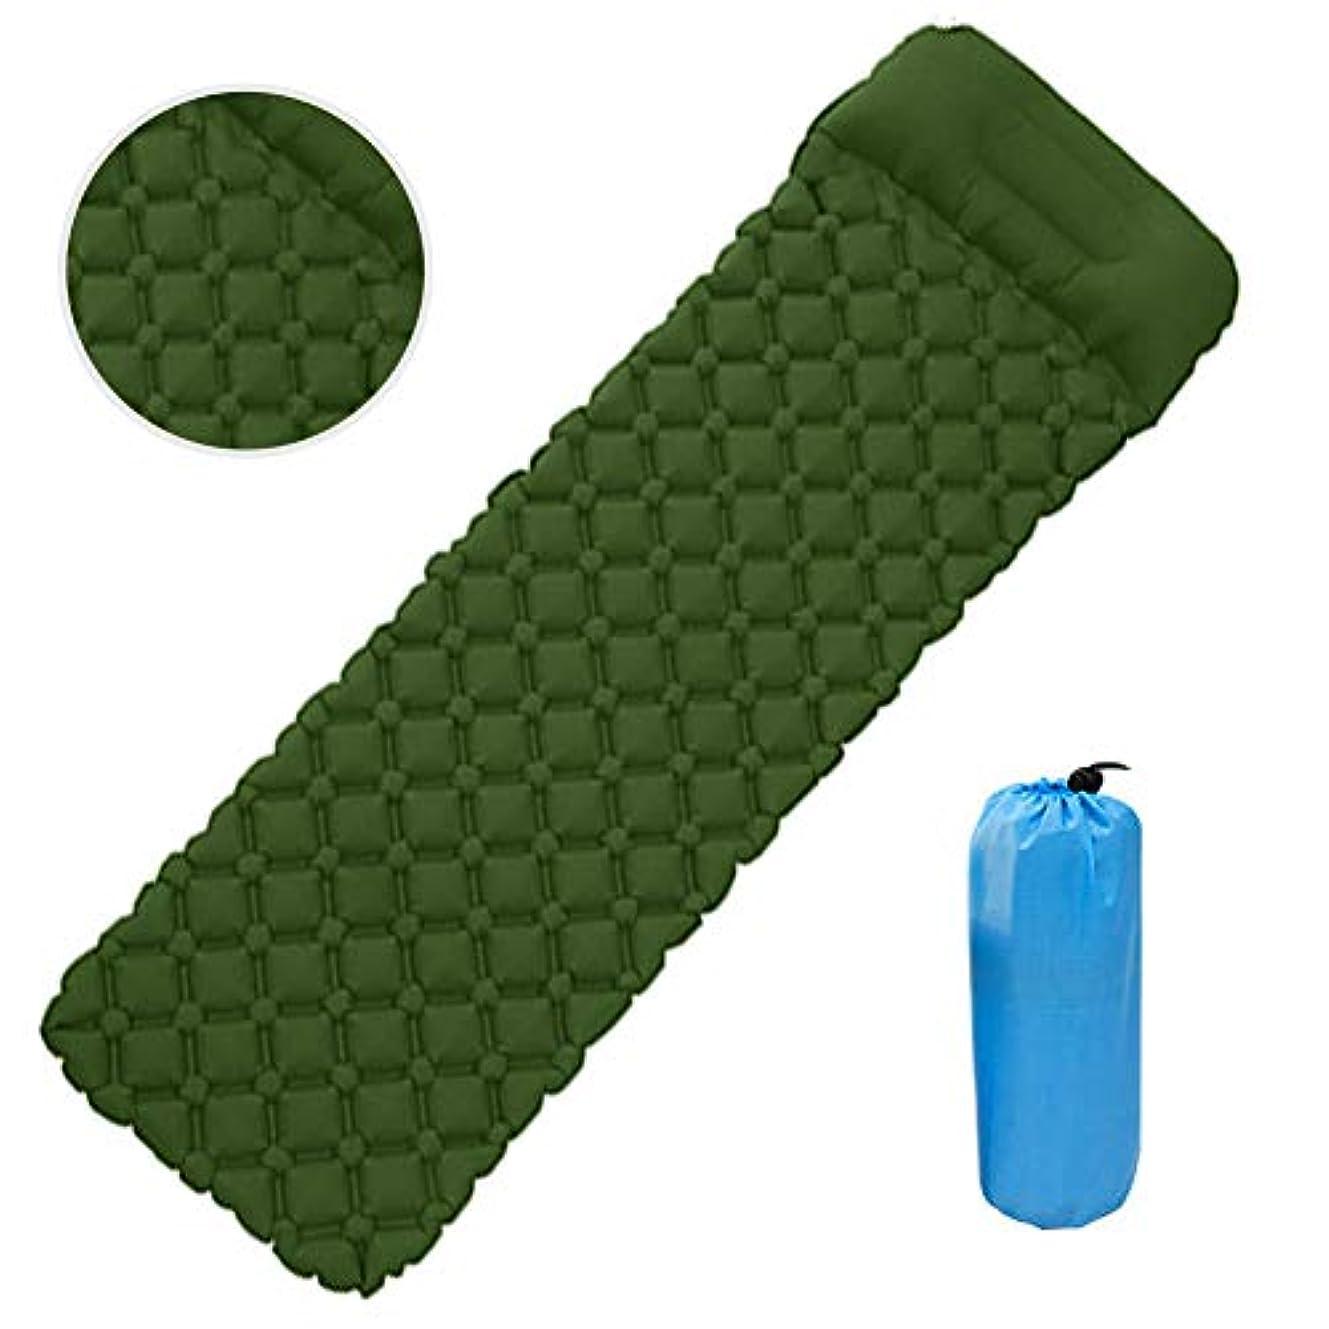 一目洪水ポップ自己膨張式キャンプマット、超軽量スリーピングパッド、ポータブル防湿マットレス、屋外トレッキングバックパッキングテントに適しています(ブルーオレンジグリーン)